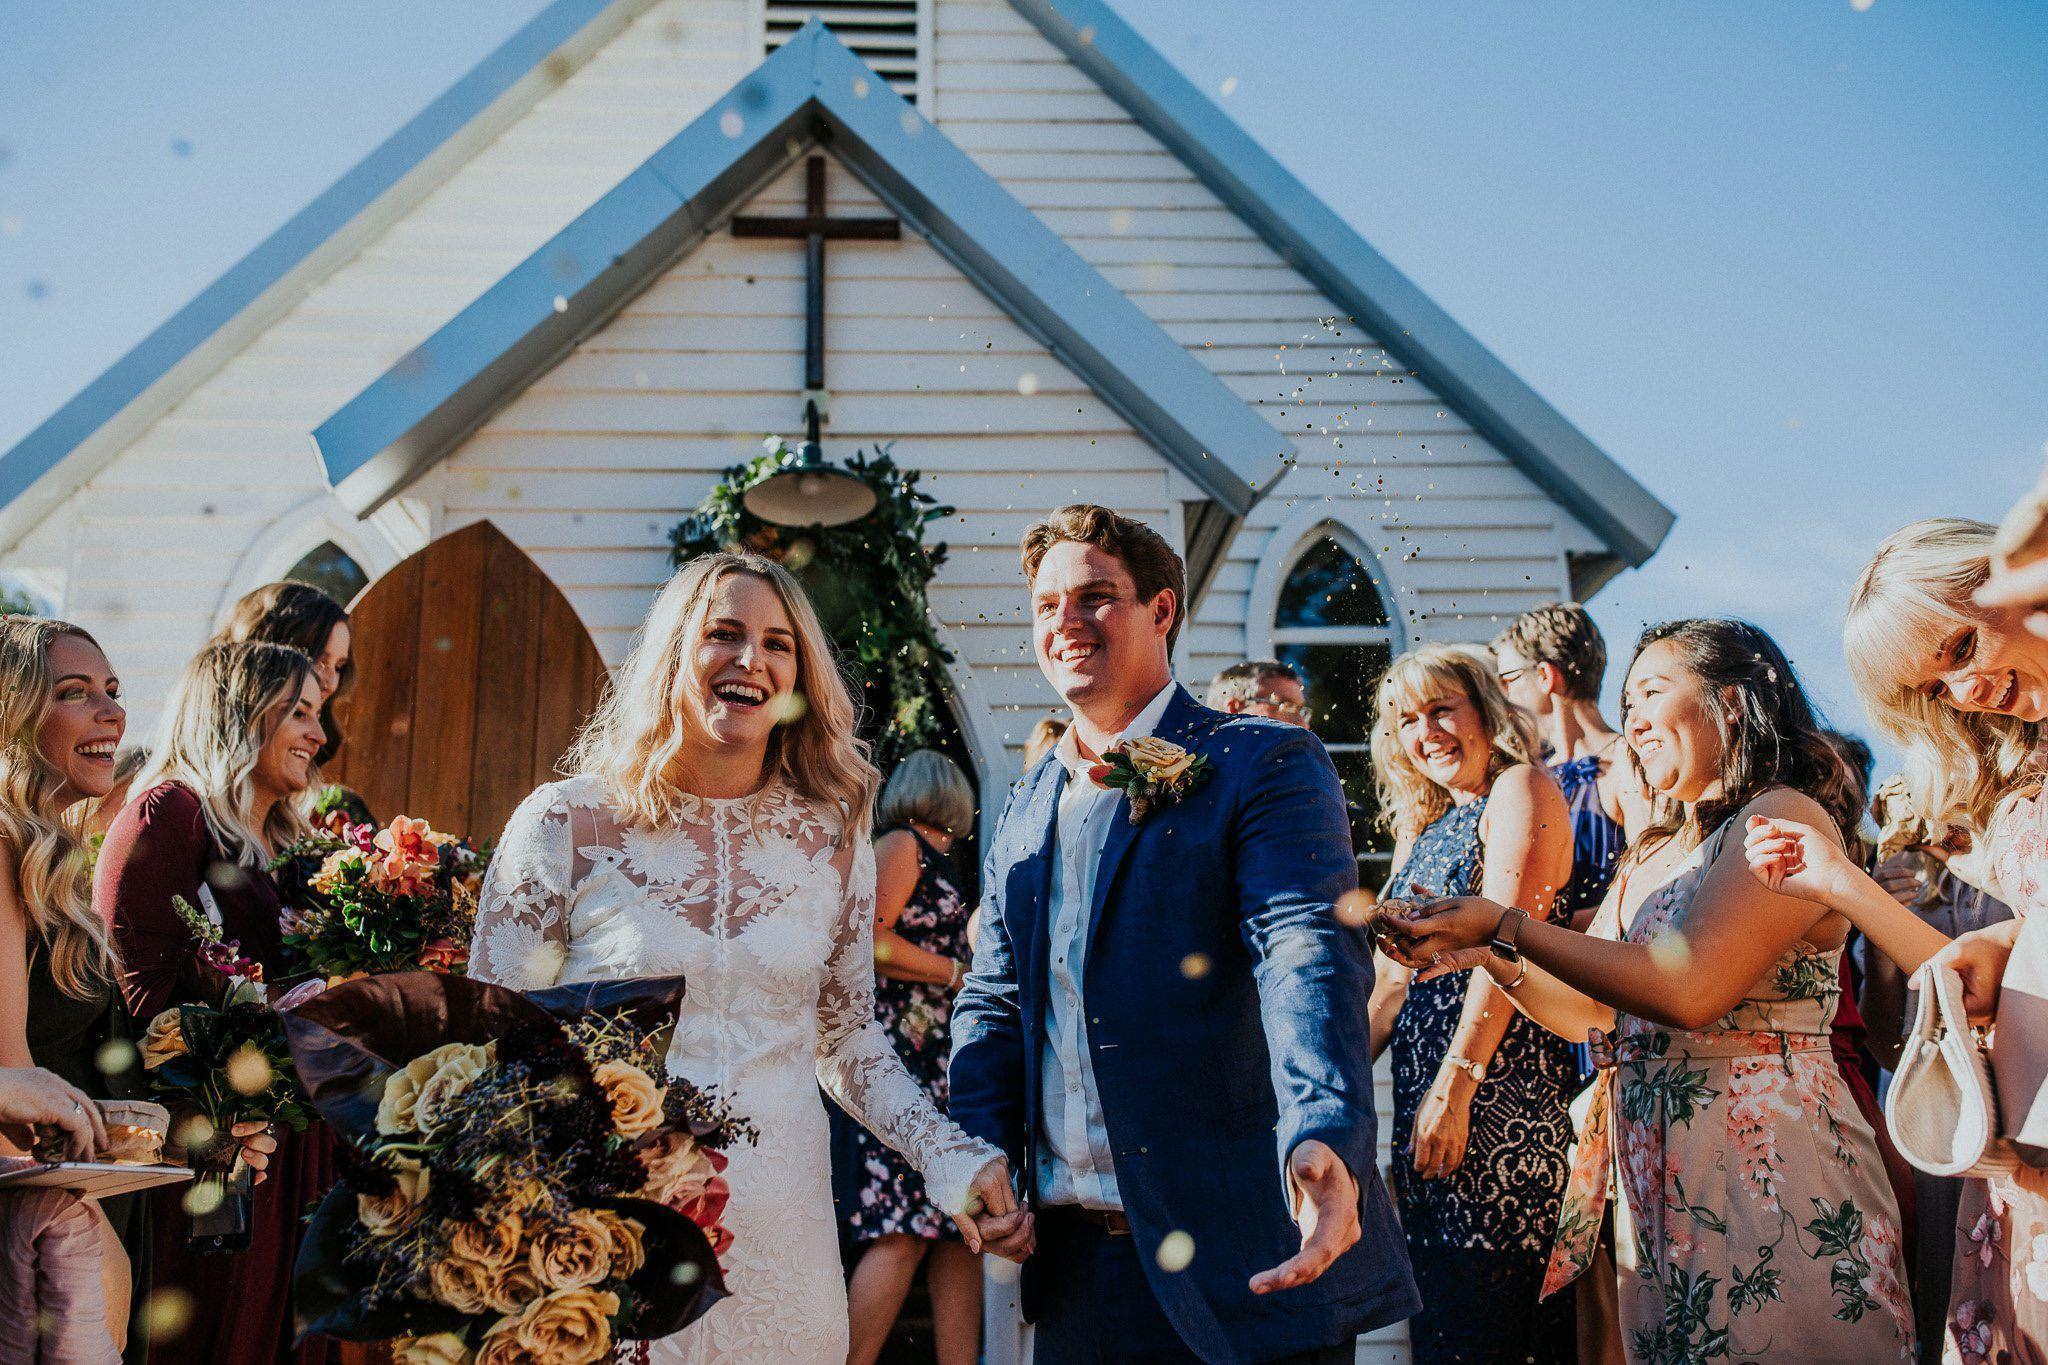 St Pauls Chapel Jarradale Outdoor Wedding Venue Perth Modern Wedding Venue Outdoor Wedding Venues Wedding Venues